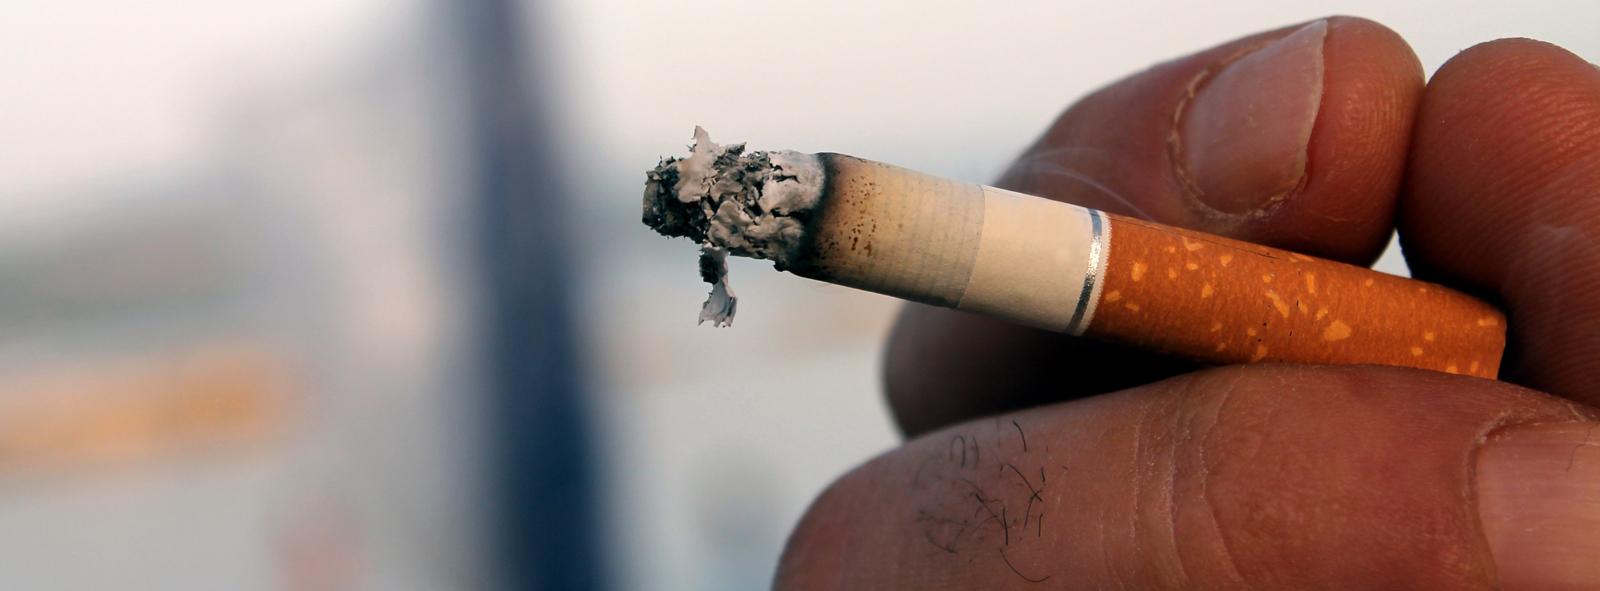 Fajčenie ako kontraindikácia liečby